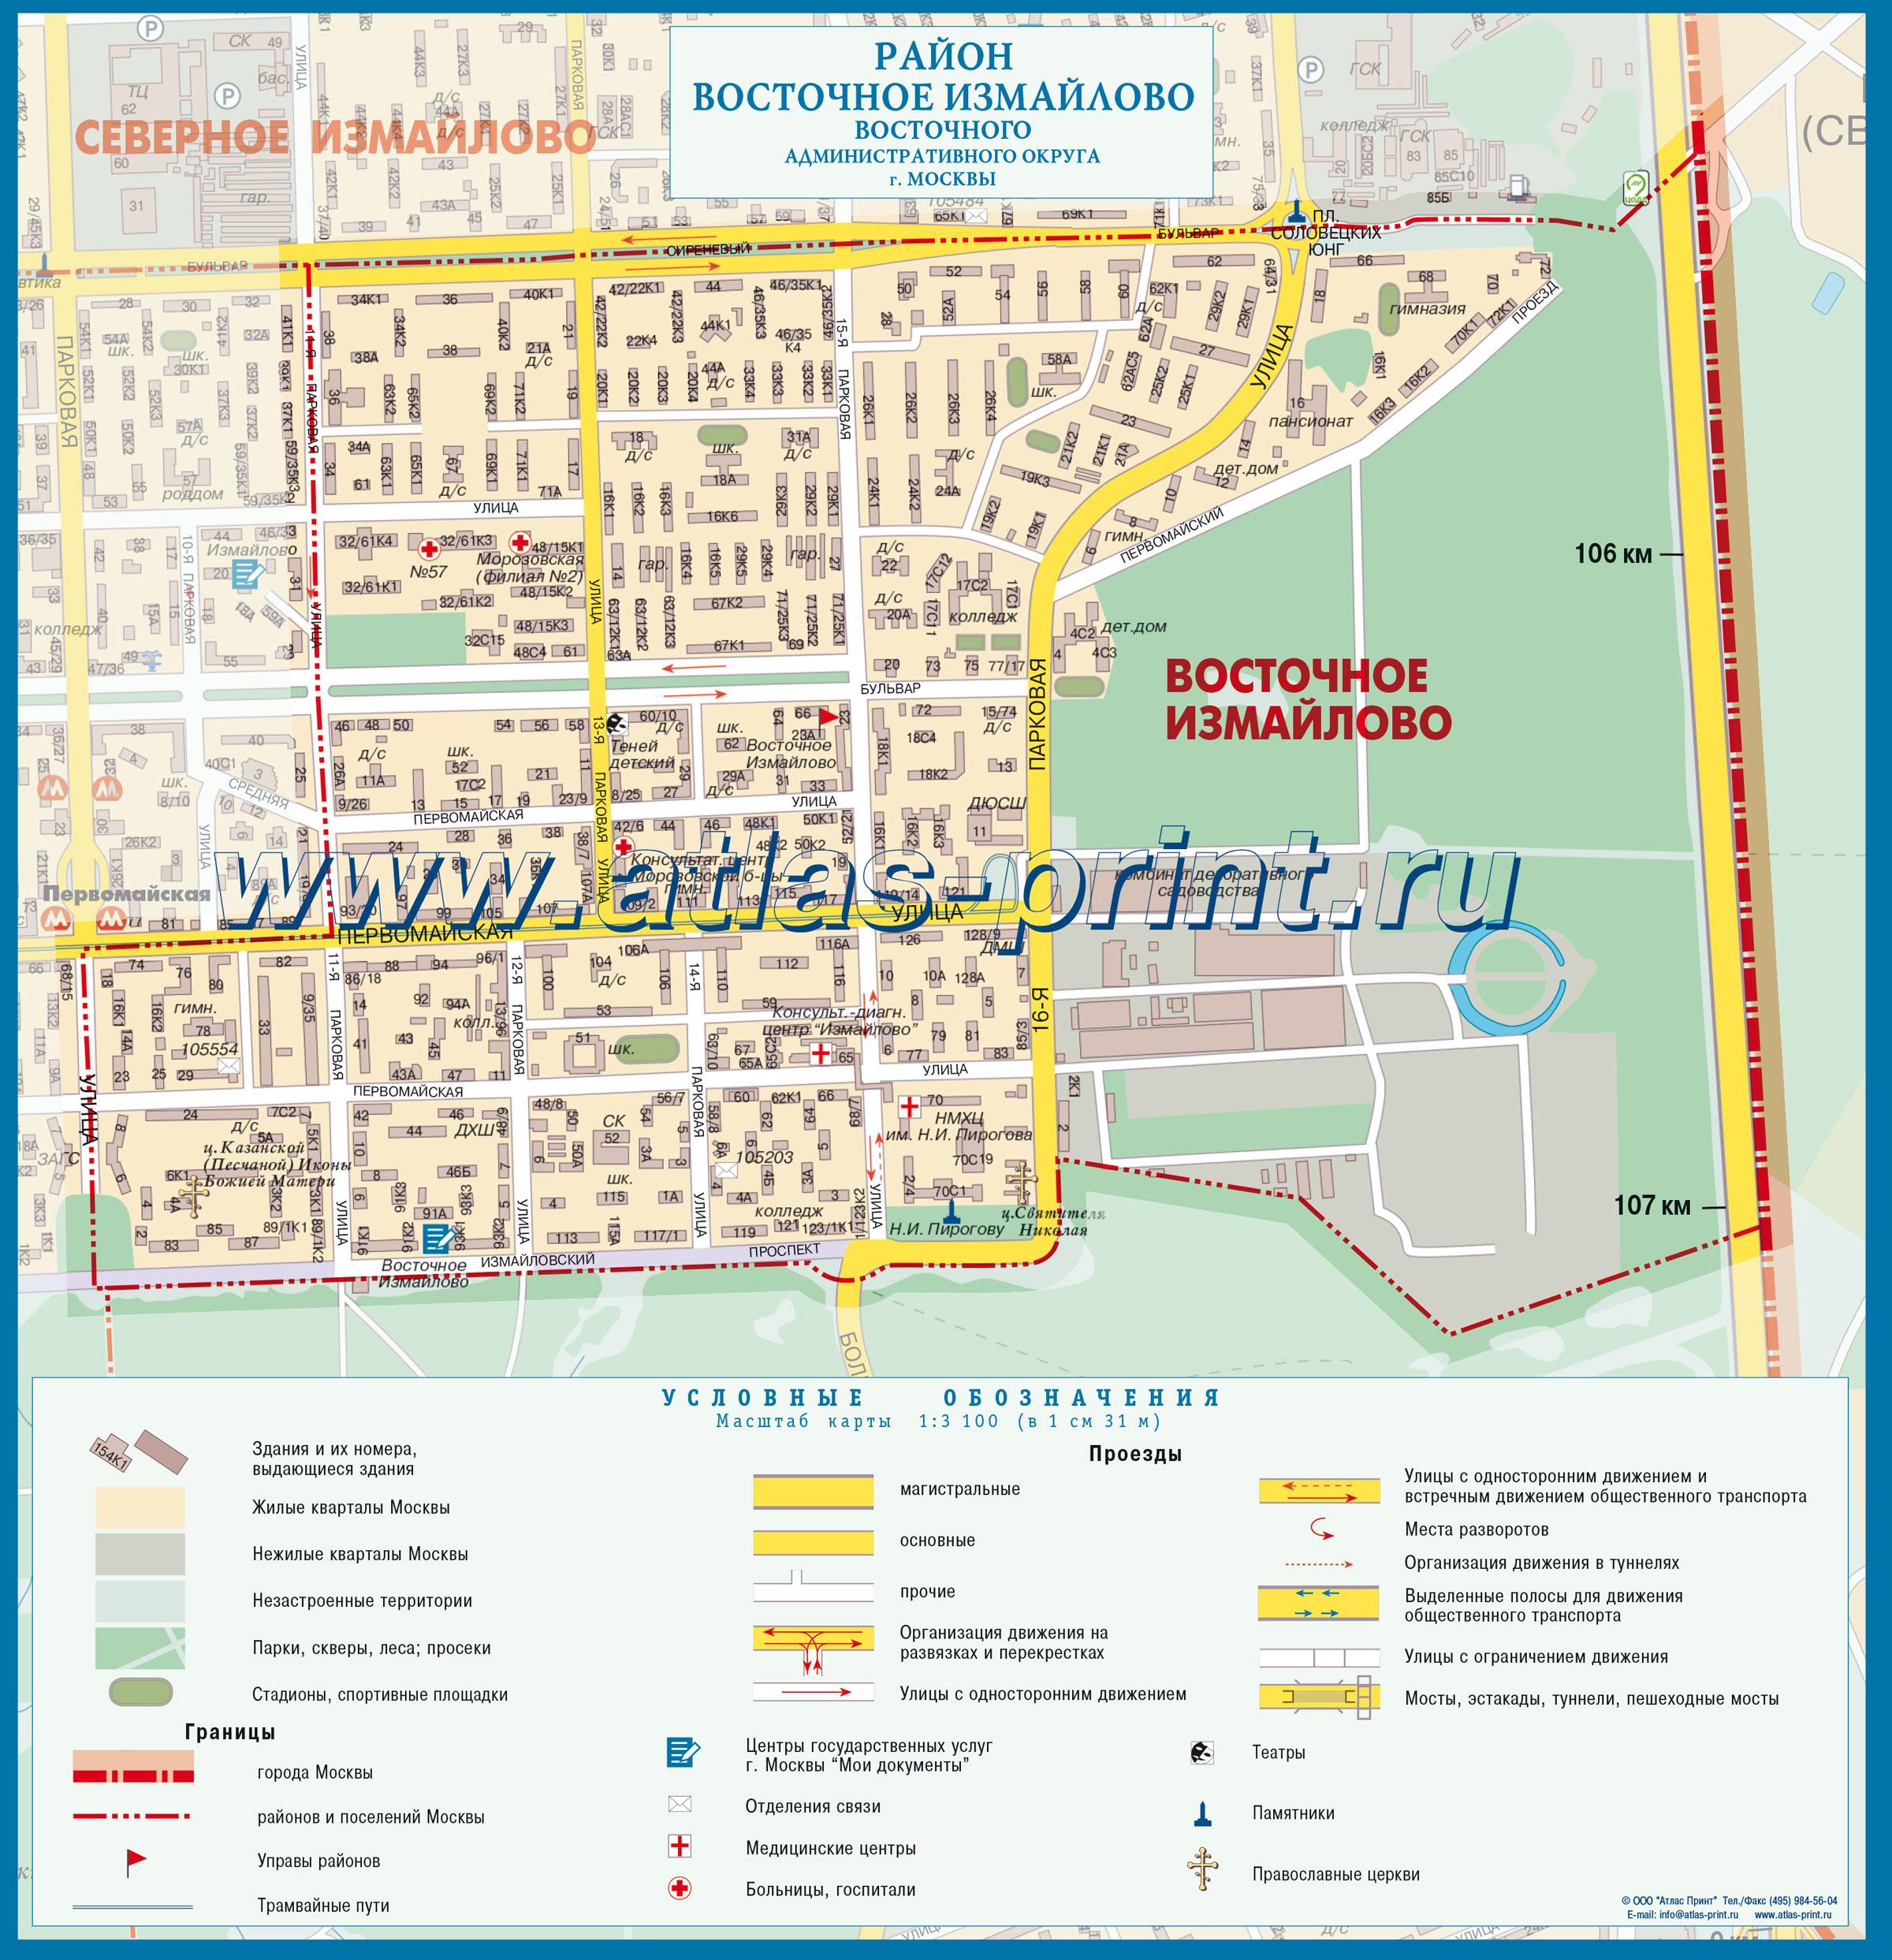 Настенная карта района ВОСТОЧНОЕ ИЗМАЙЛОВО (Восточный административный округ г. Москвы) 0,96*1,00м, ламинированная